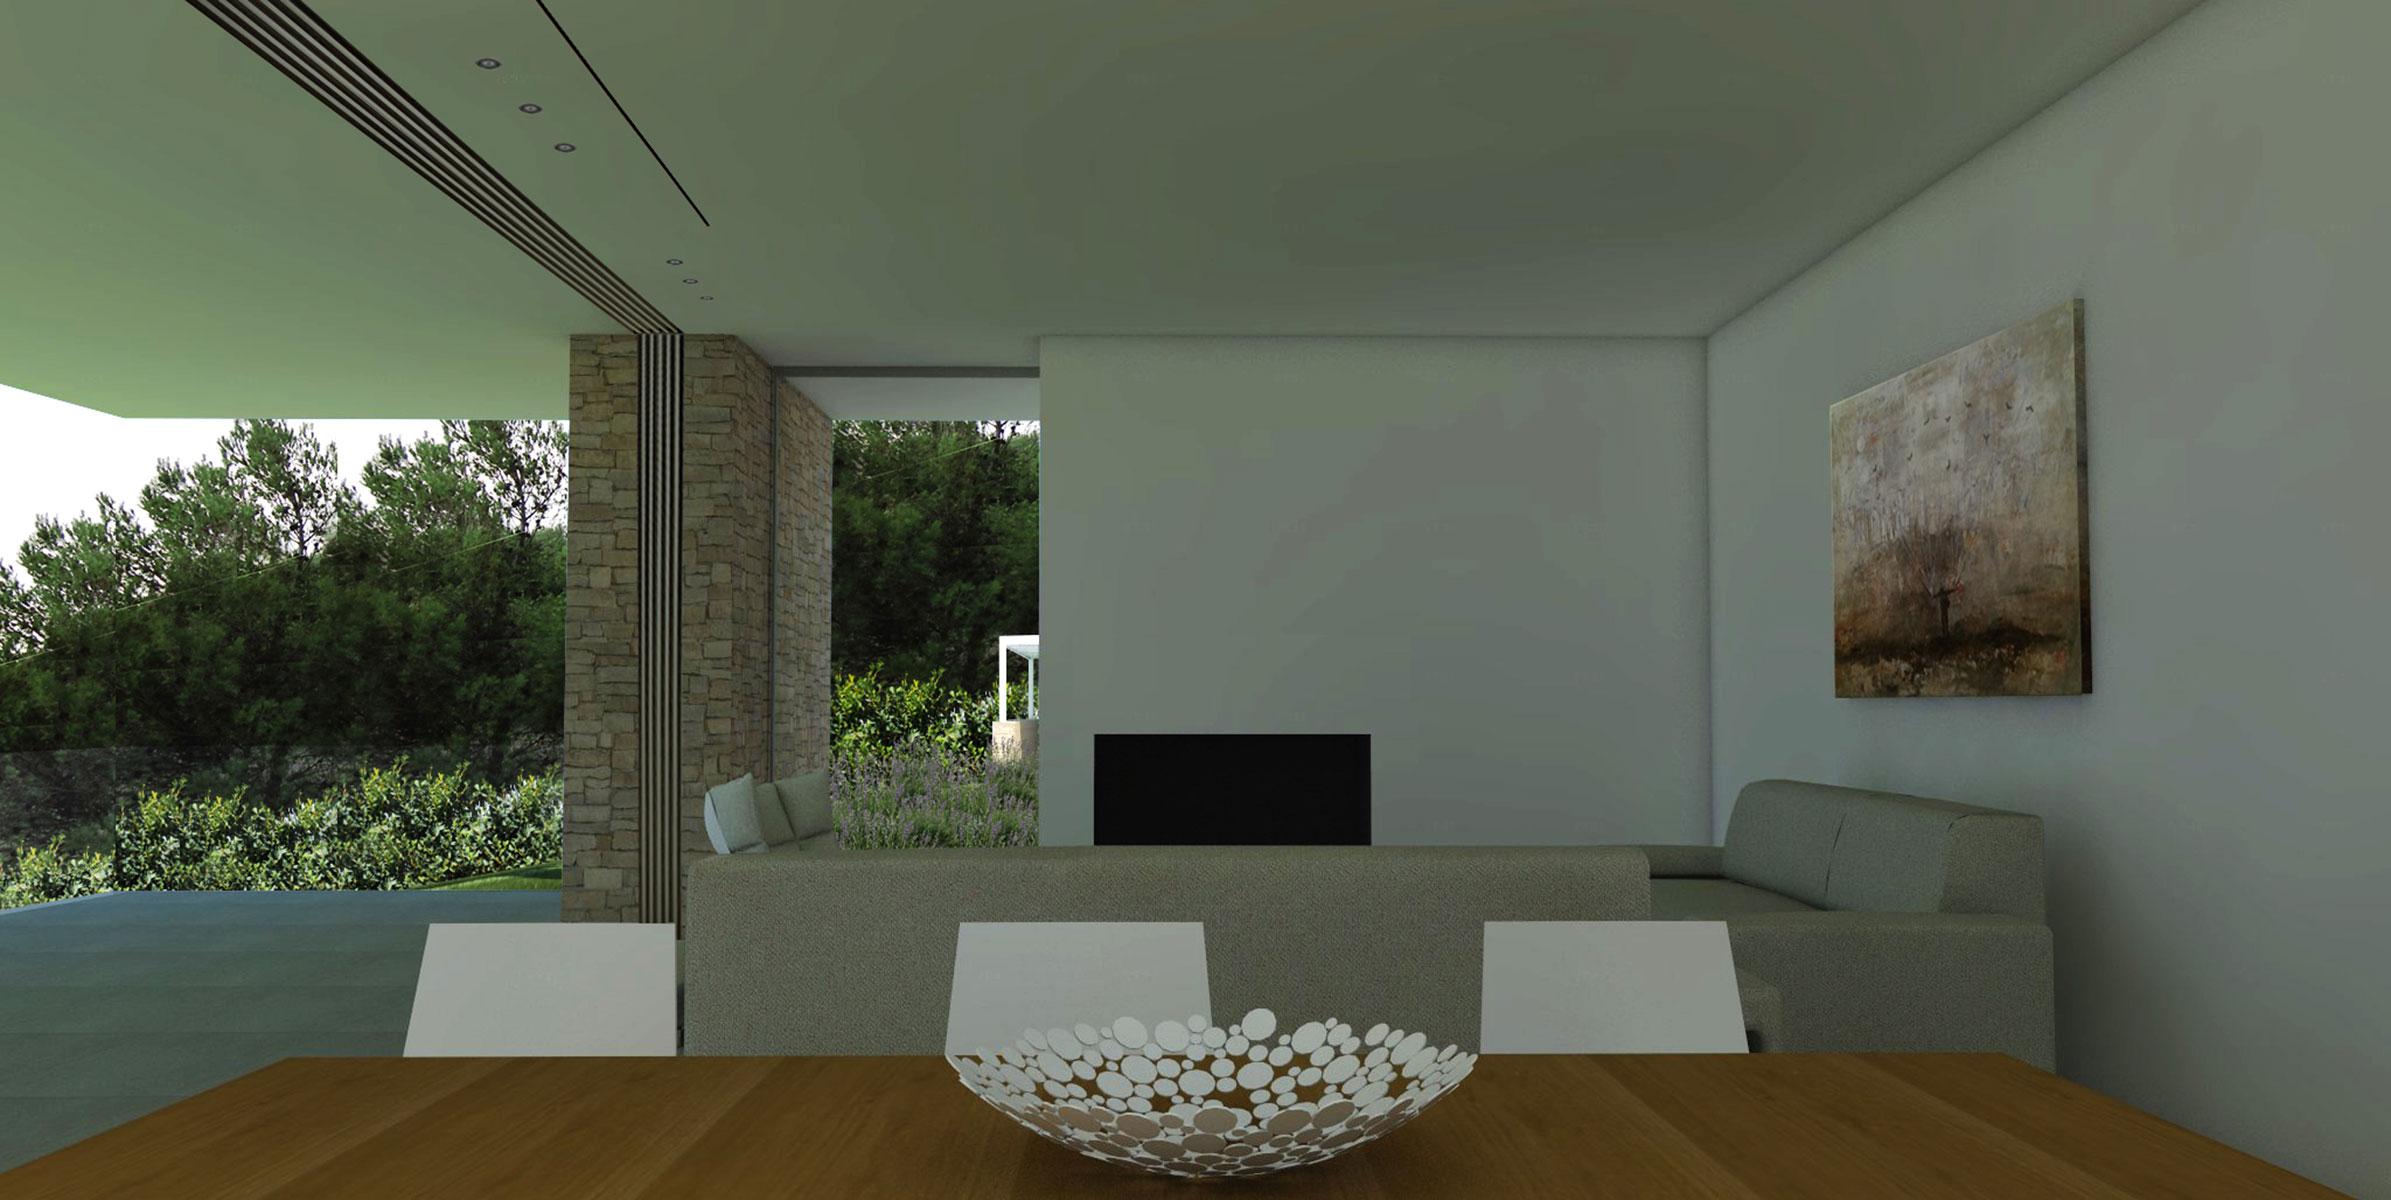 pallini living room 2